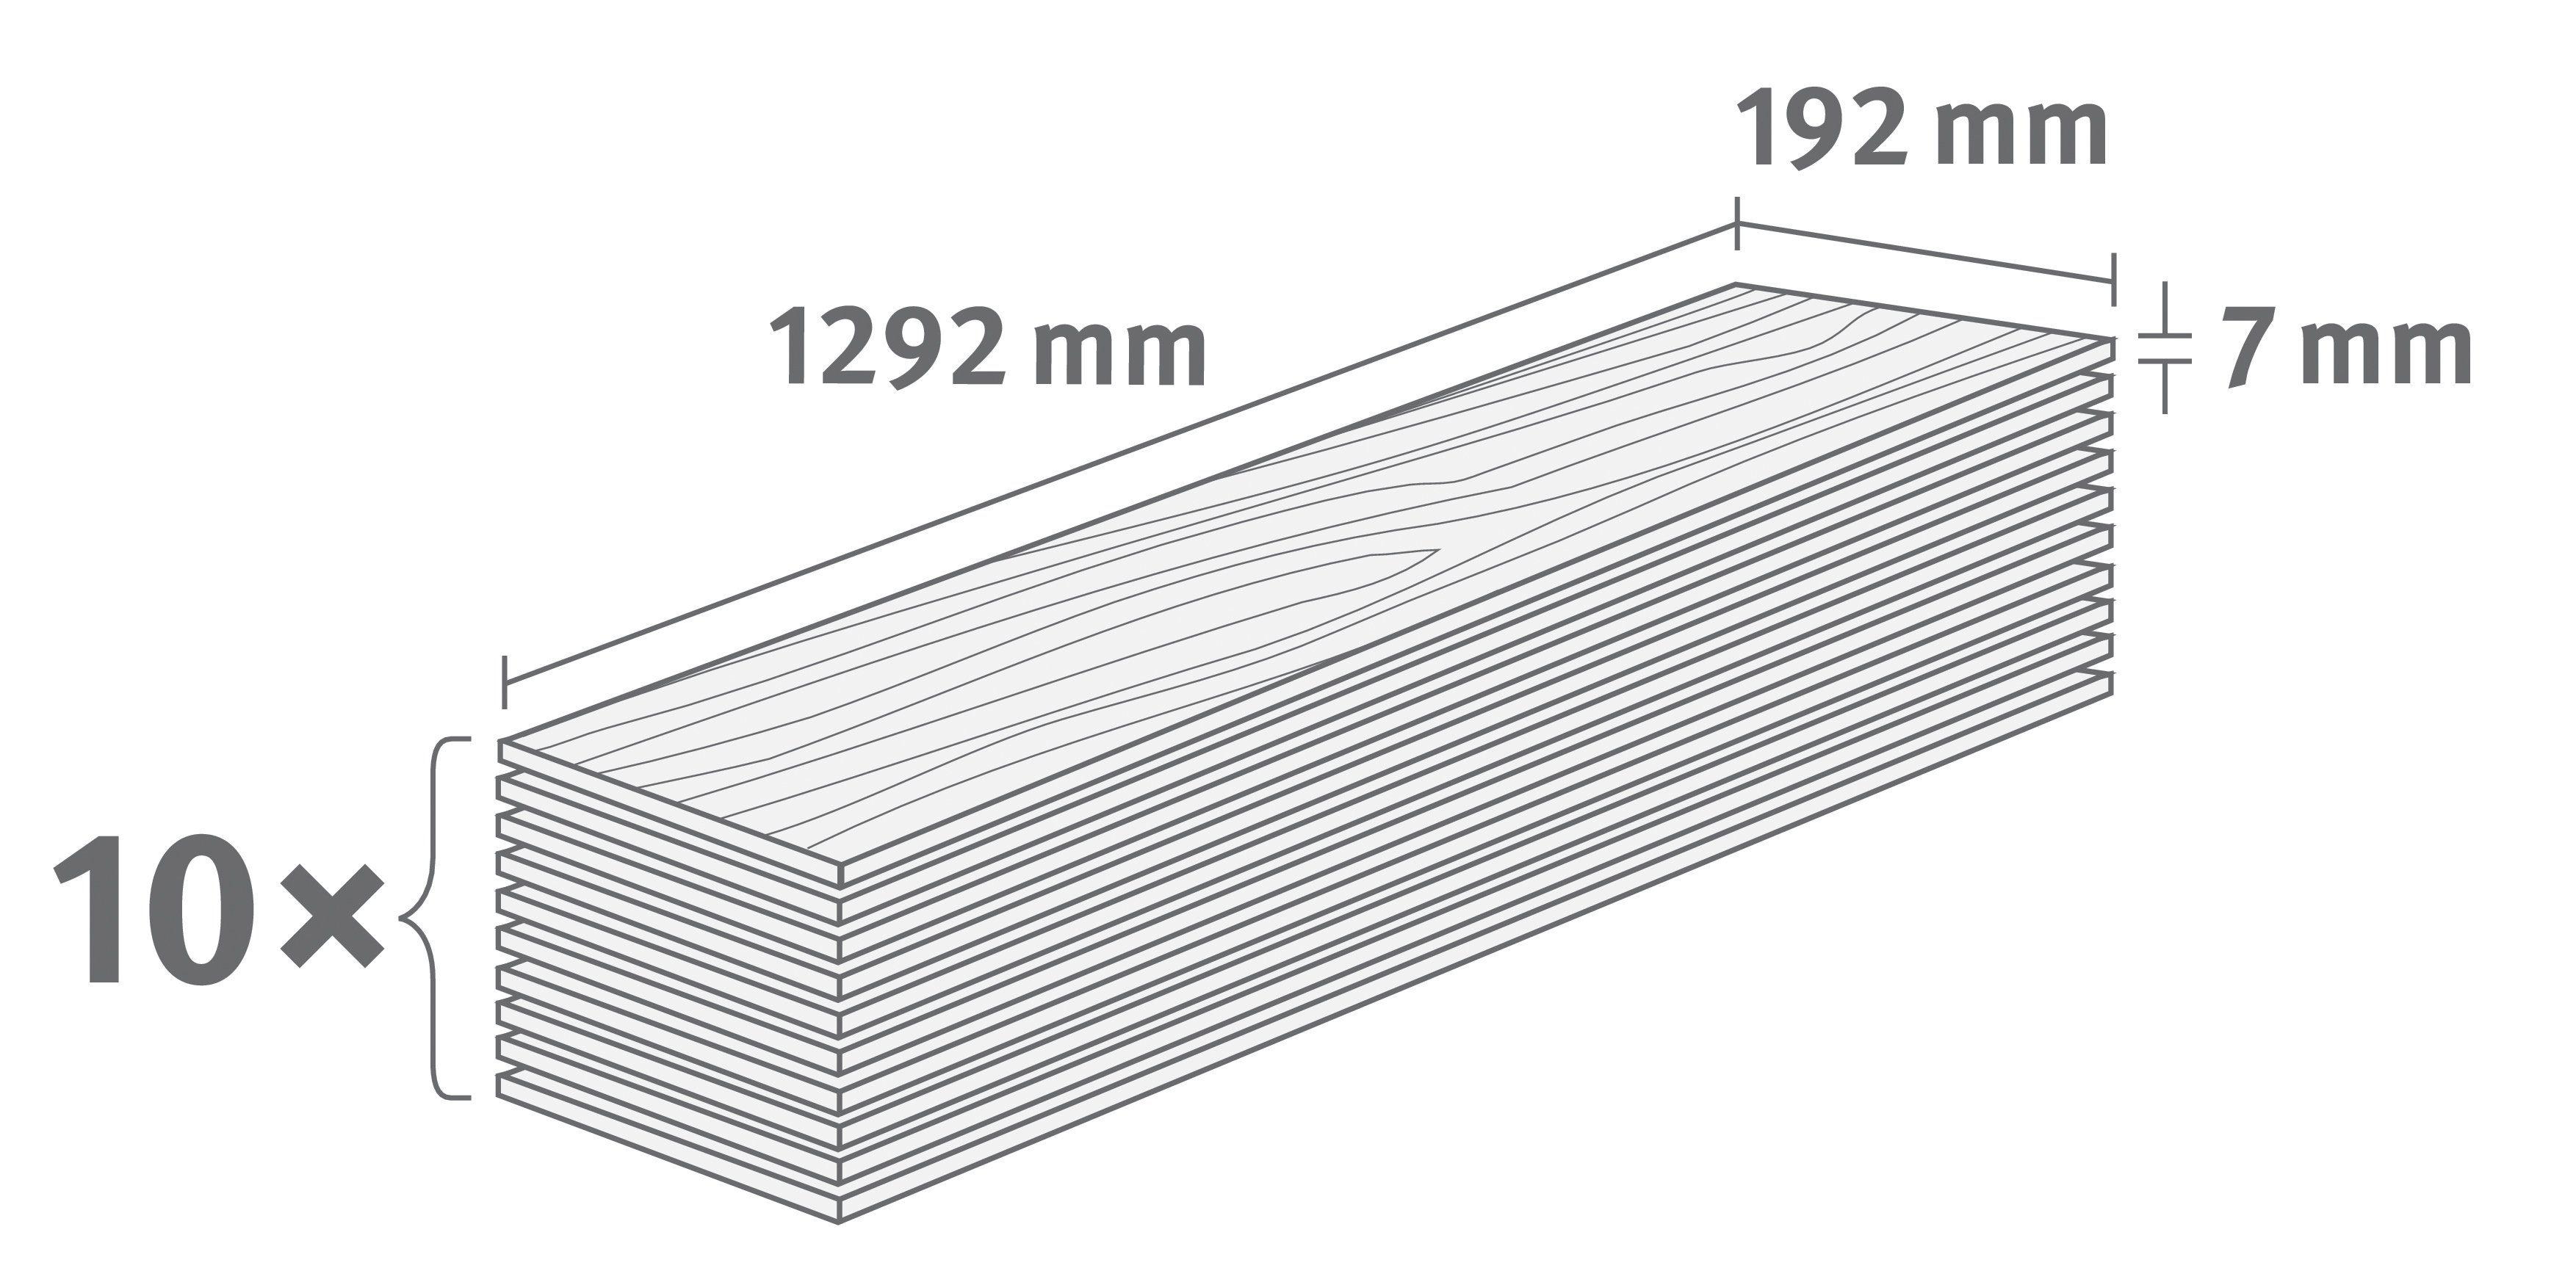 EGGER Laminat »EGGER BASIC Stangl Buche«, 1292 x 192 mm, Stärke: 7 mm